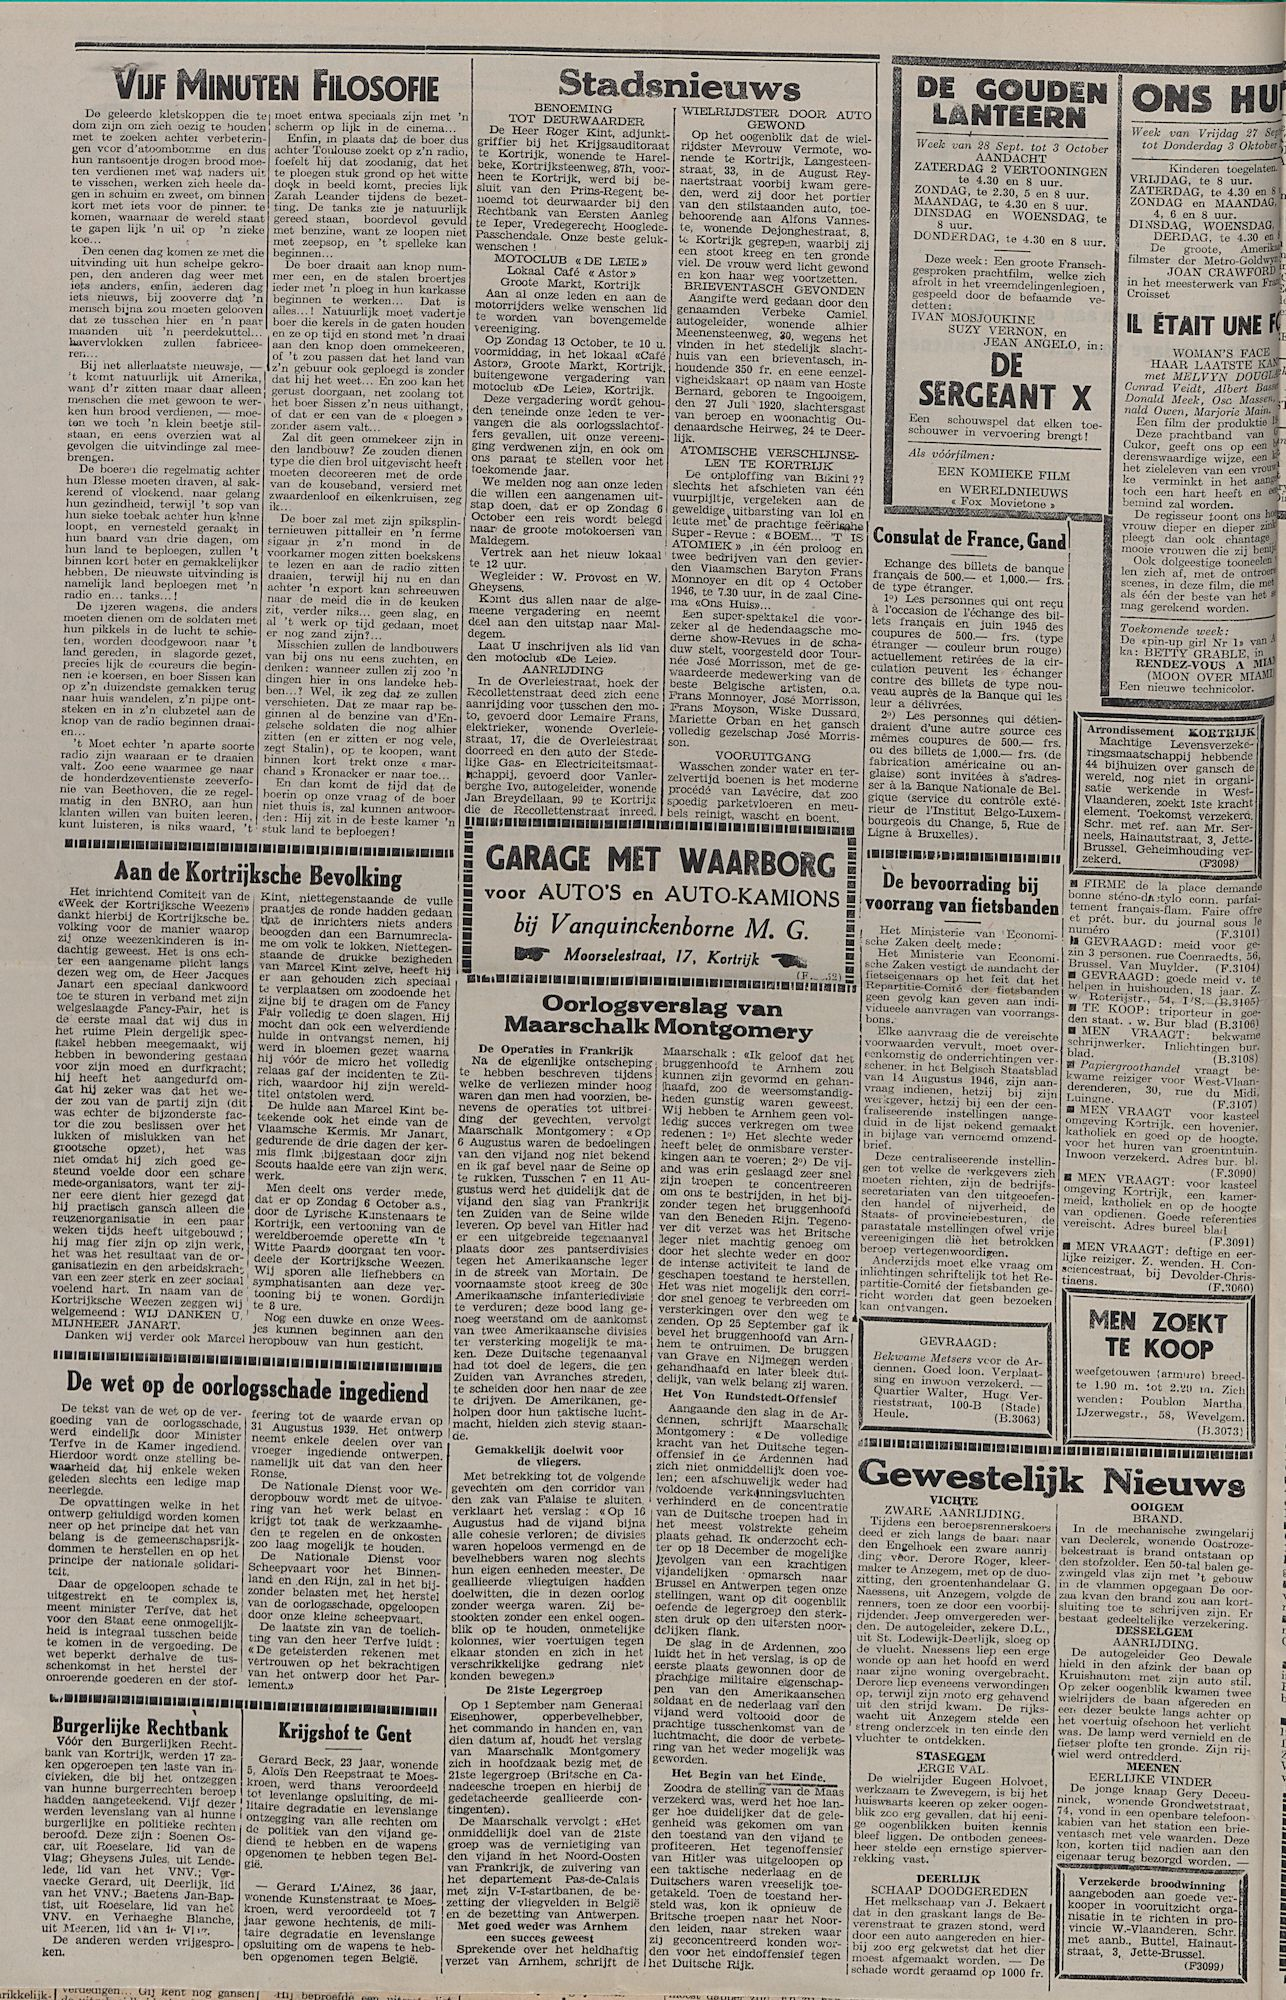 Kortrijksch Handelsblad 1 oktober 1946 Nr79 p2